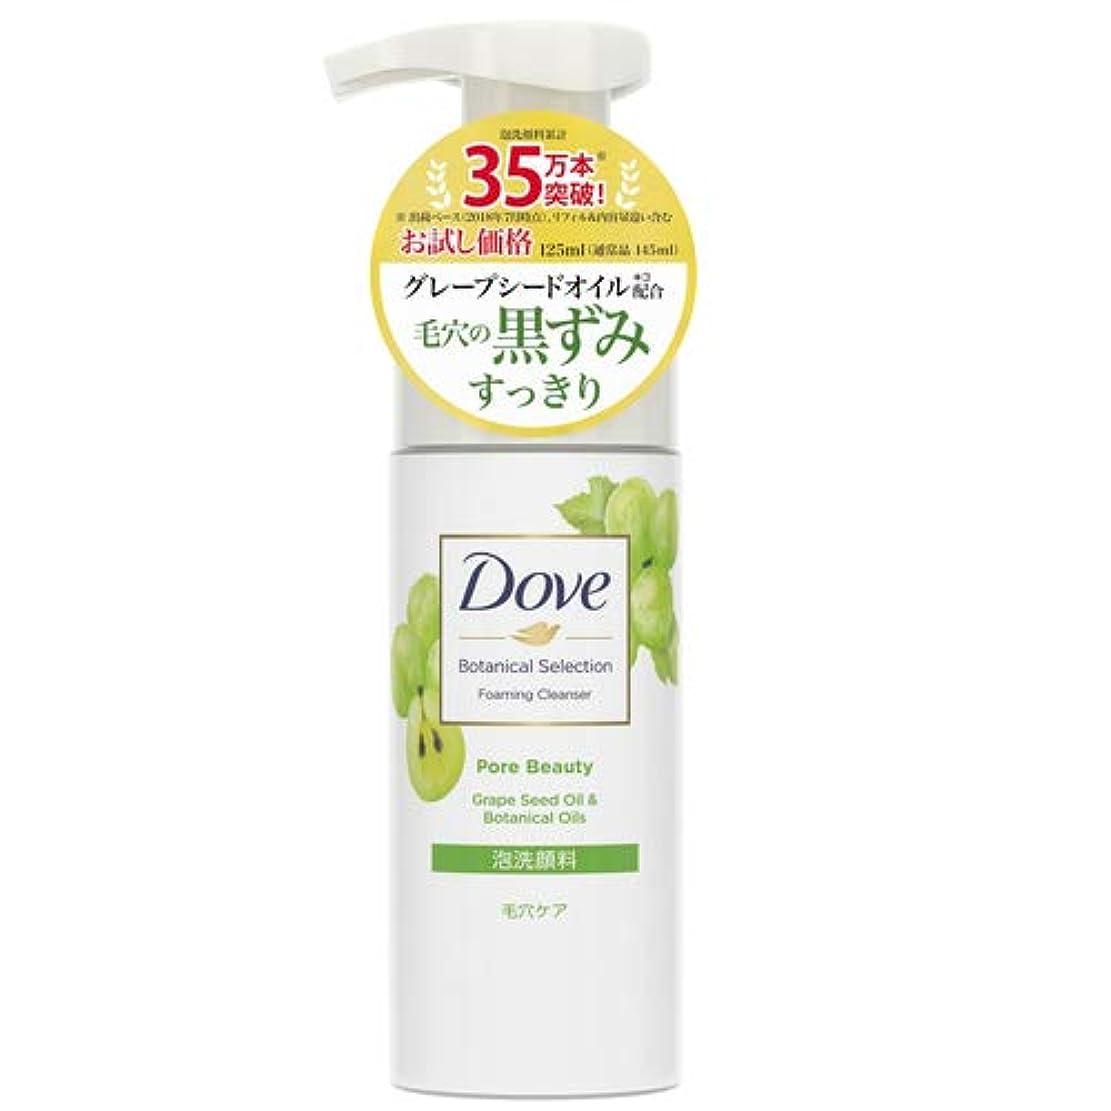 不機嫌そうな温帯極貧Dove(ダヴ) ダヴBポアビューティー泡洗顔お試し価格品125ML